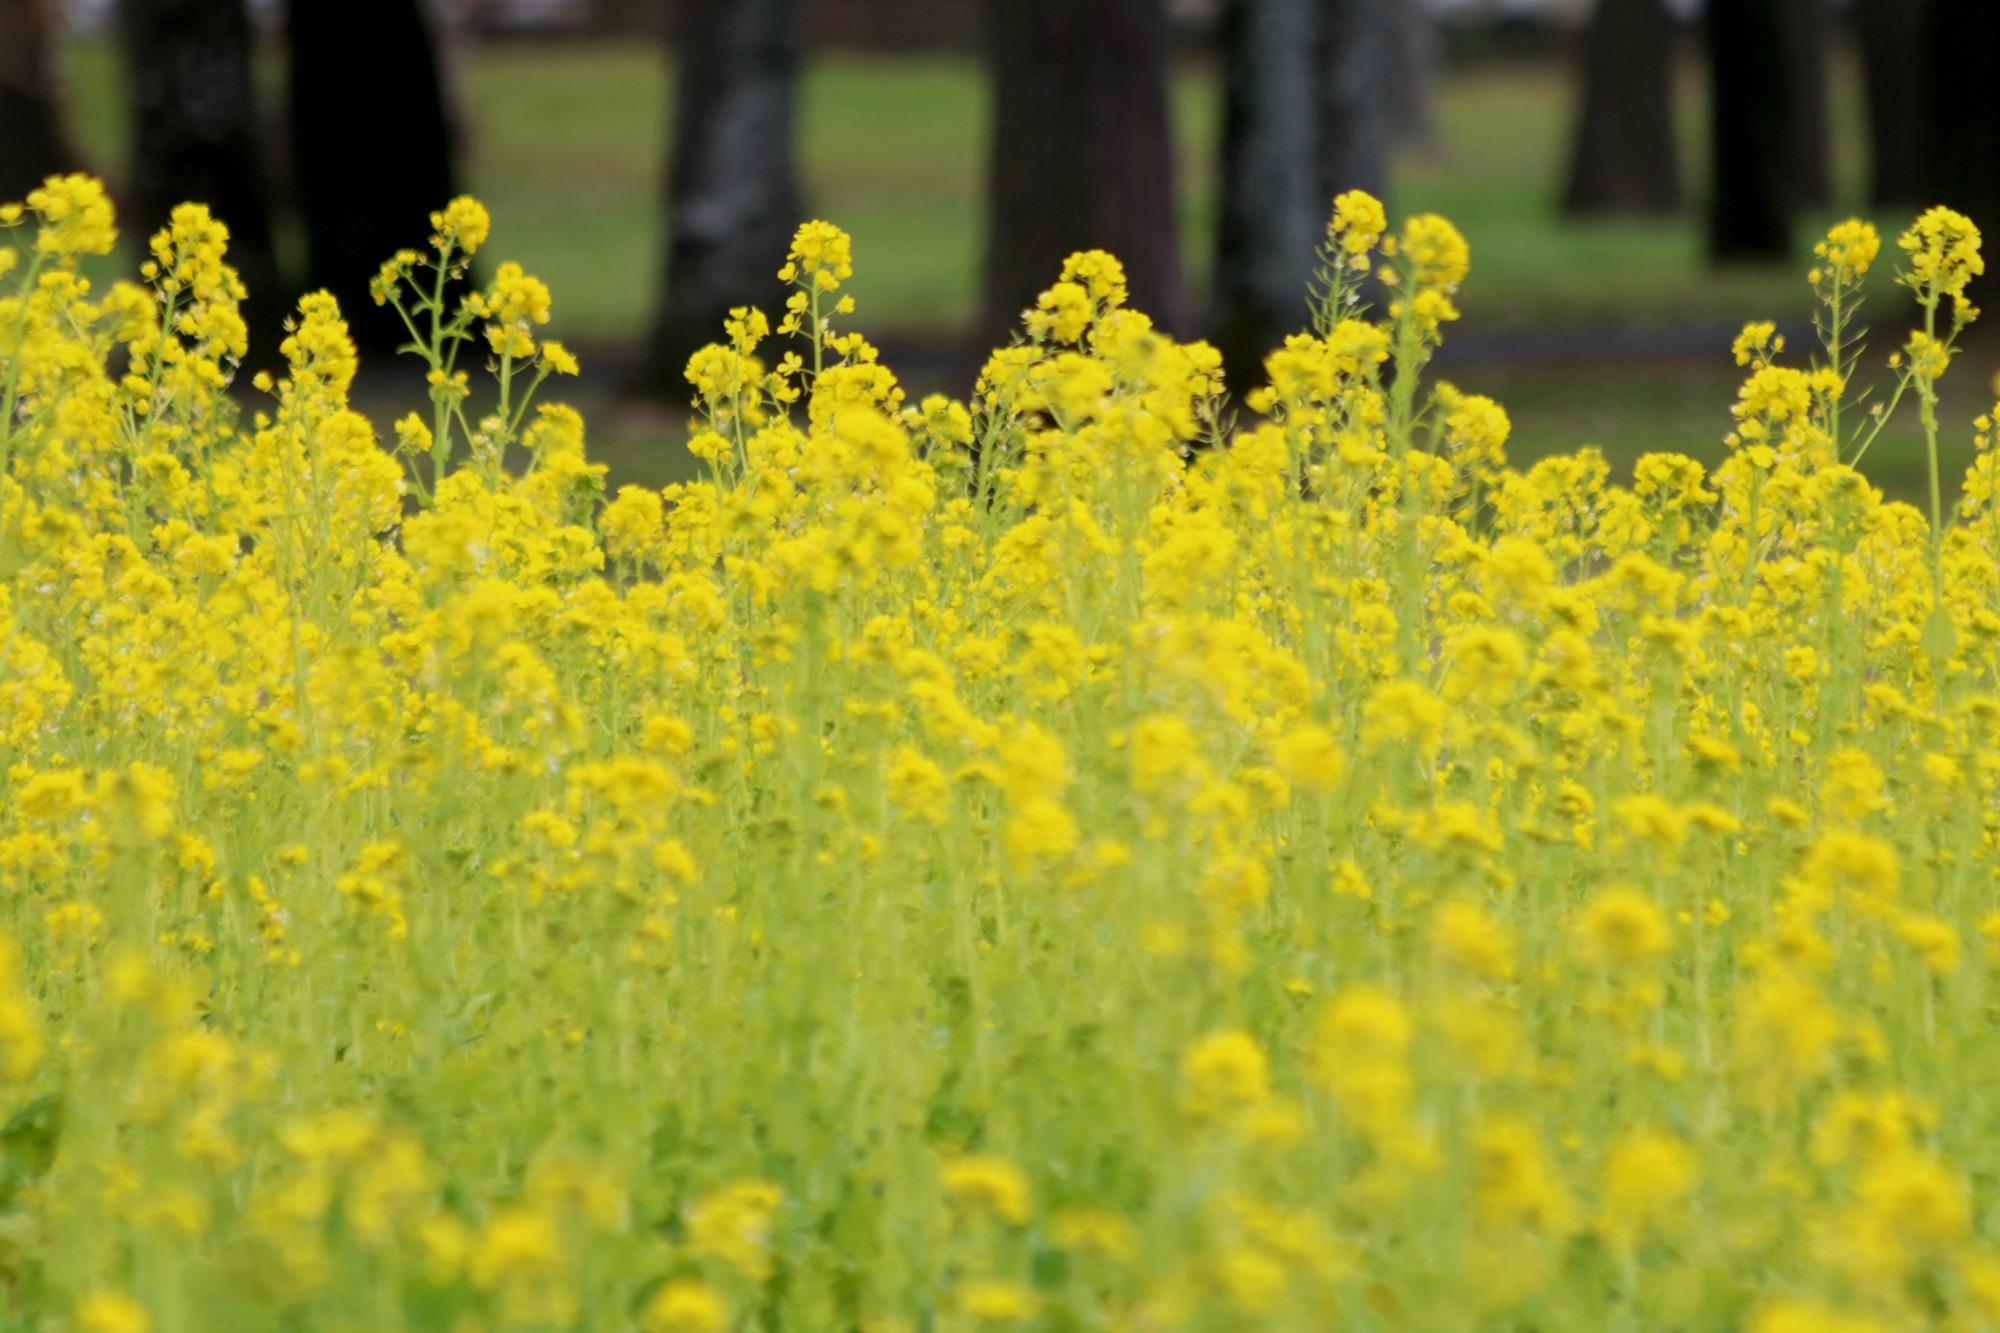 水元公園の鳥さんたち_a0127090_20504628.jpg